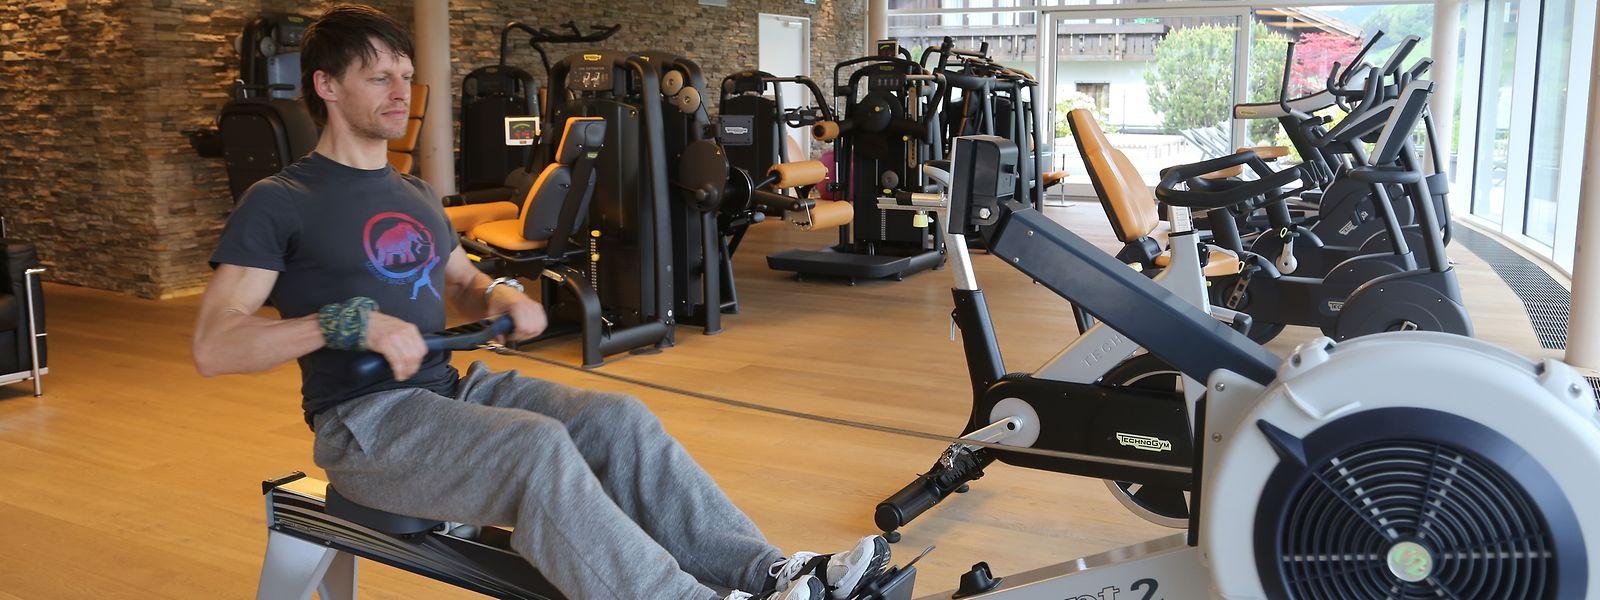 Les coaches des salles de fitness, à l'arrêt depuis mi-mars, disposeront du soutien de 1.250 euros. Comme les personnels des bars et restaurants, notamment.